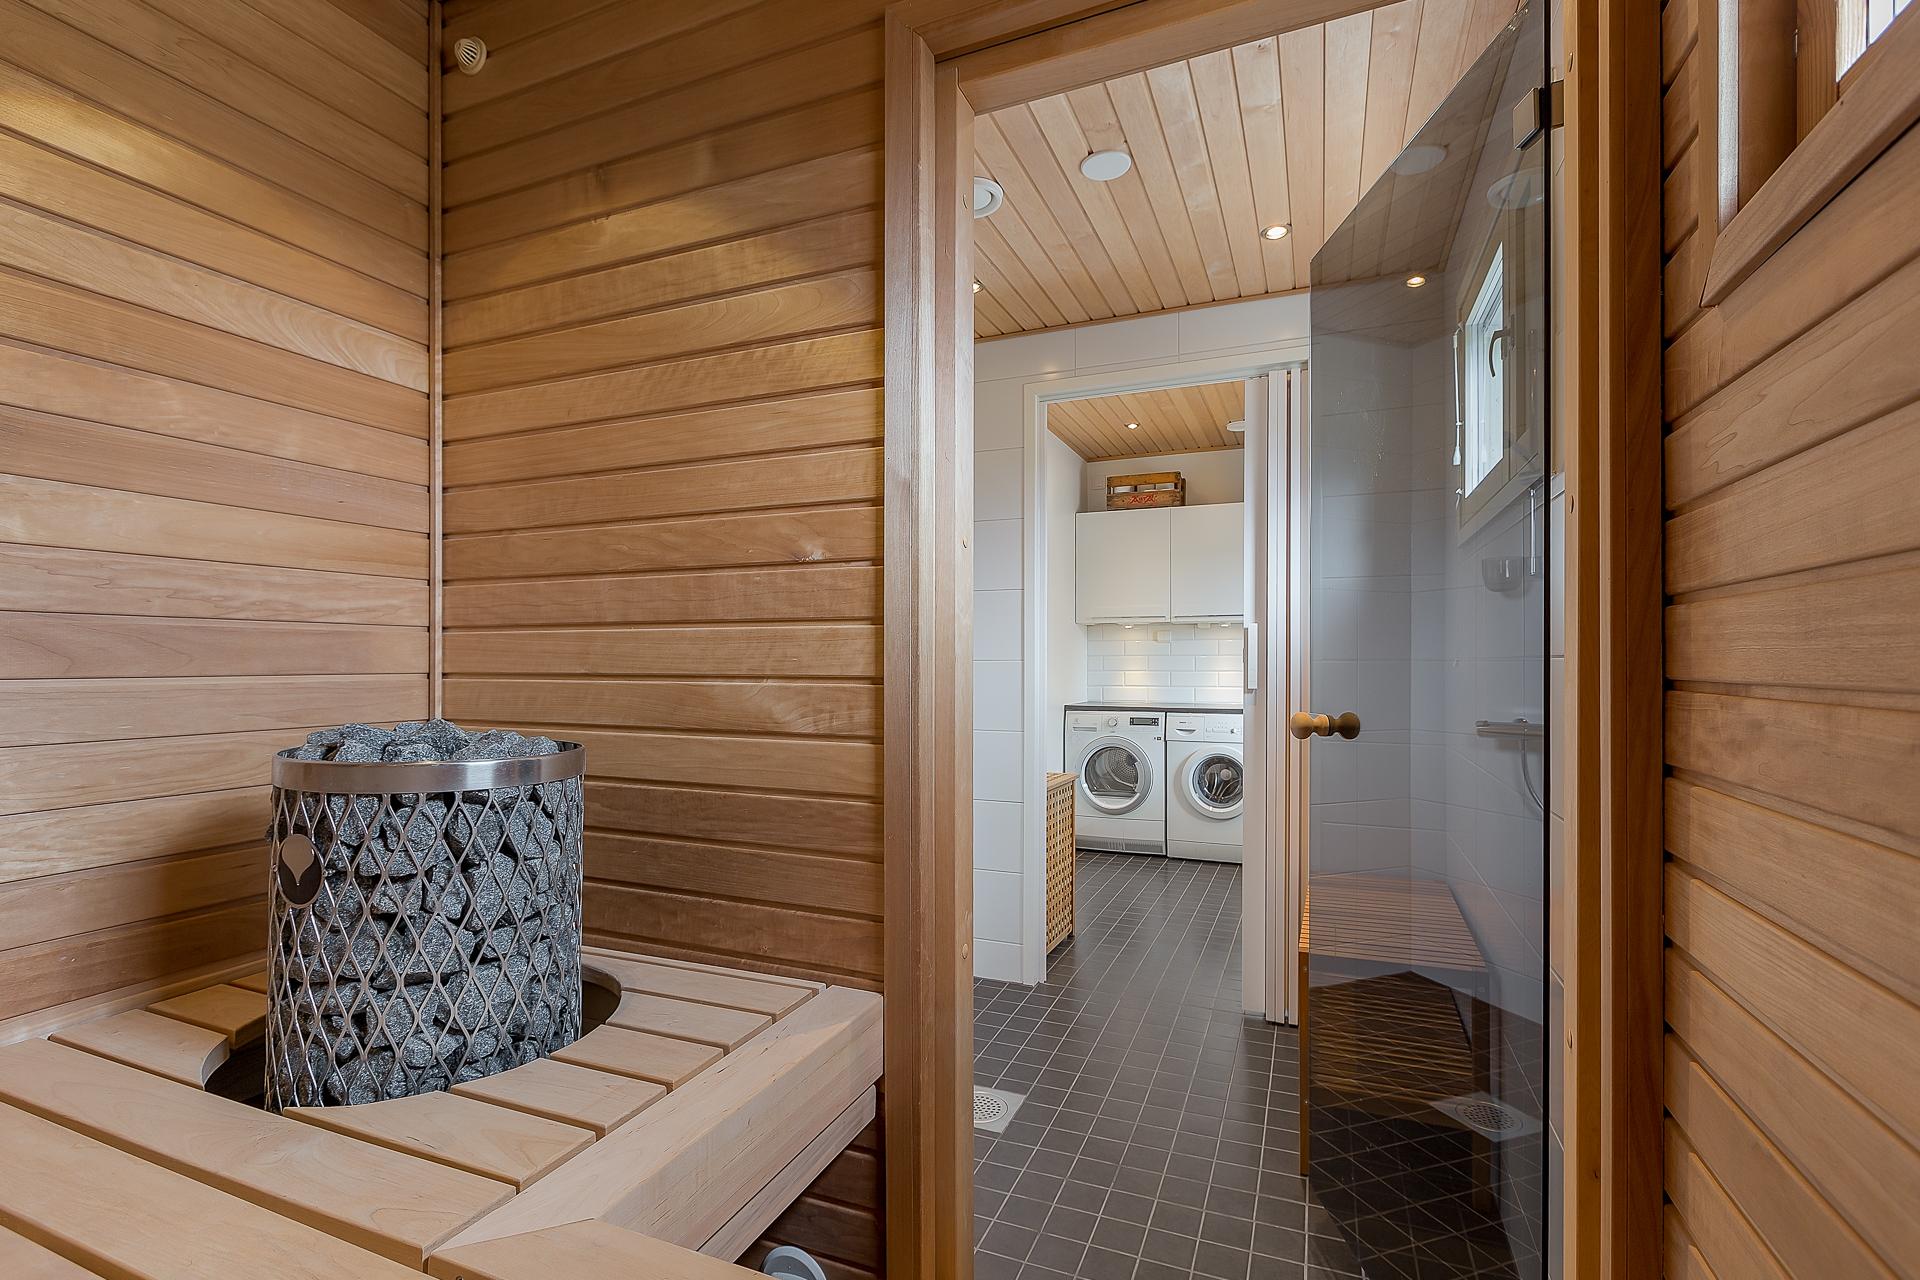 Kylpyhuone ja saunaremontti hinta